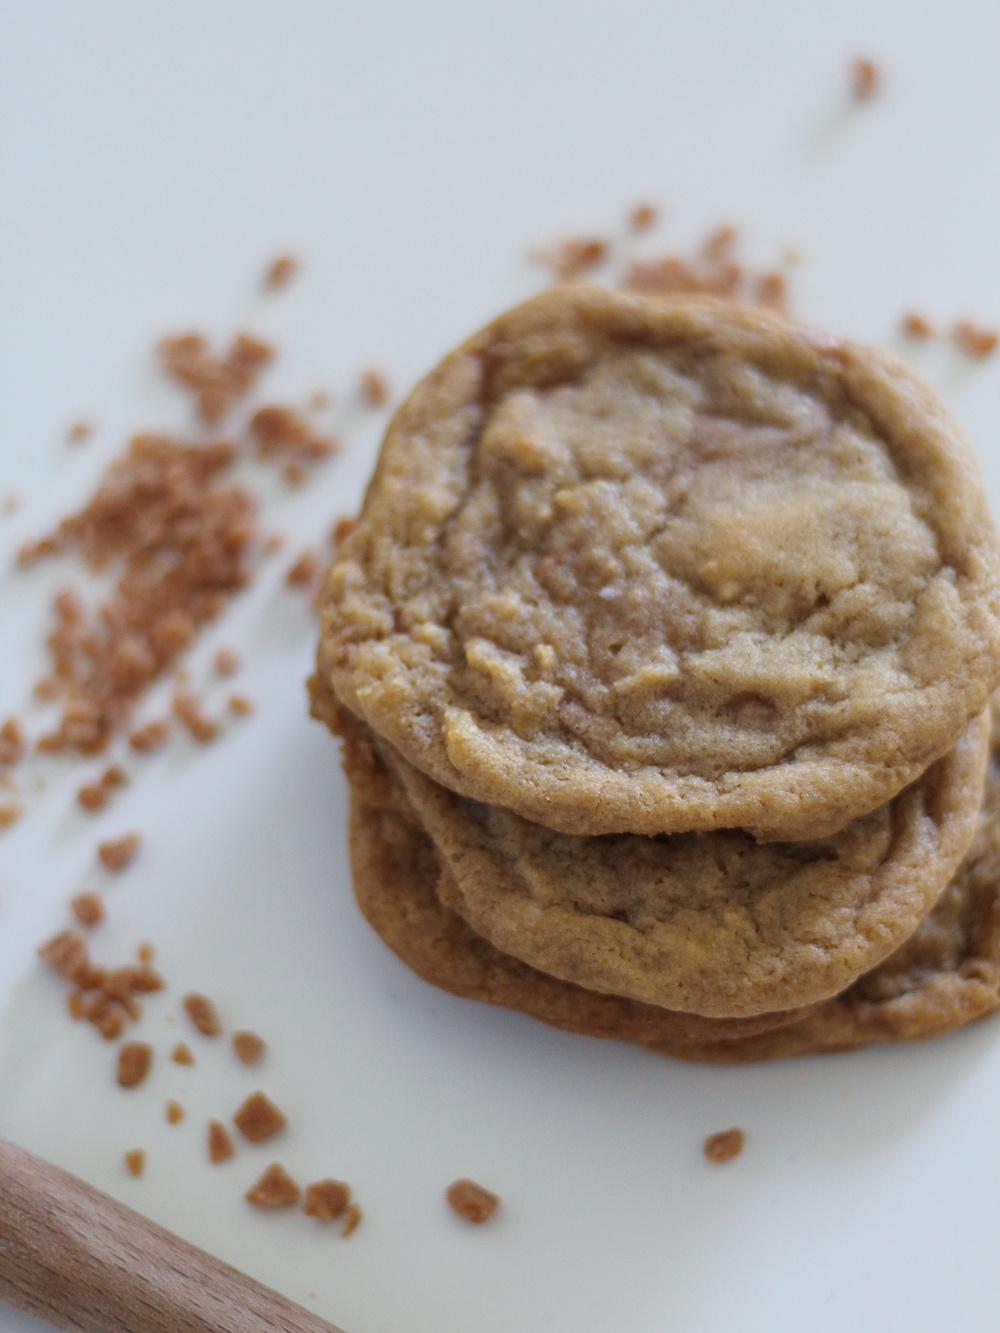 Skor Bit Cookies